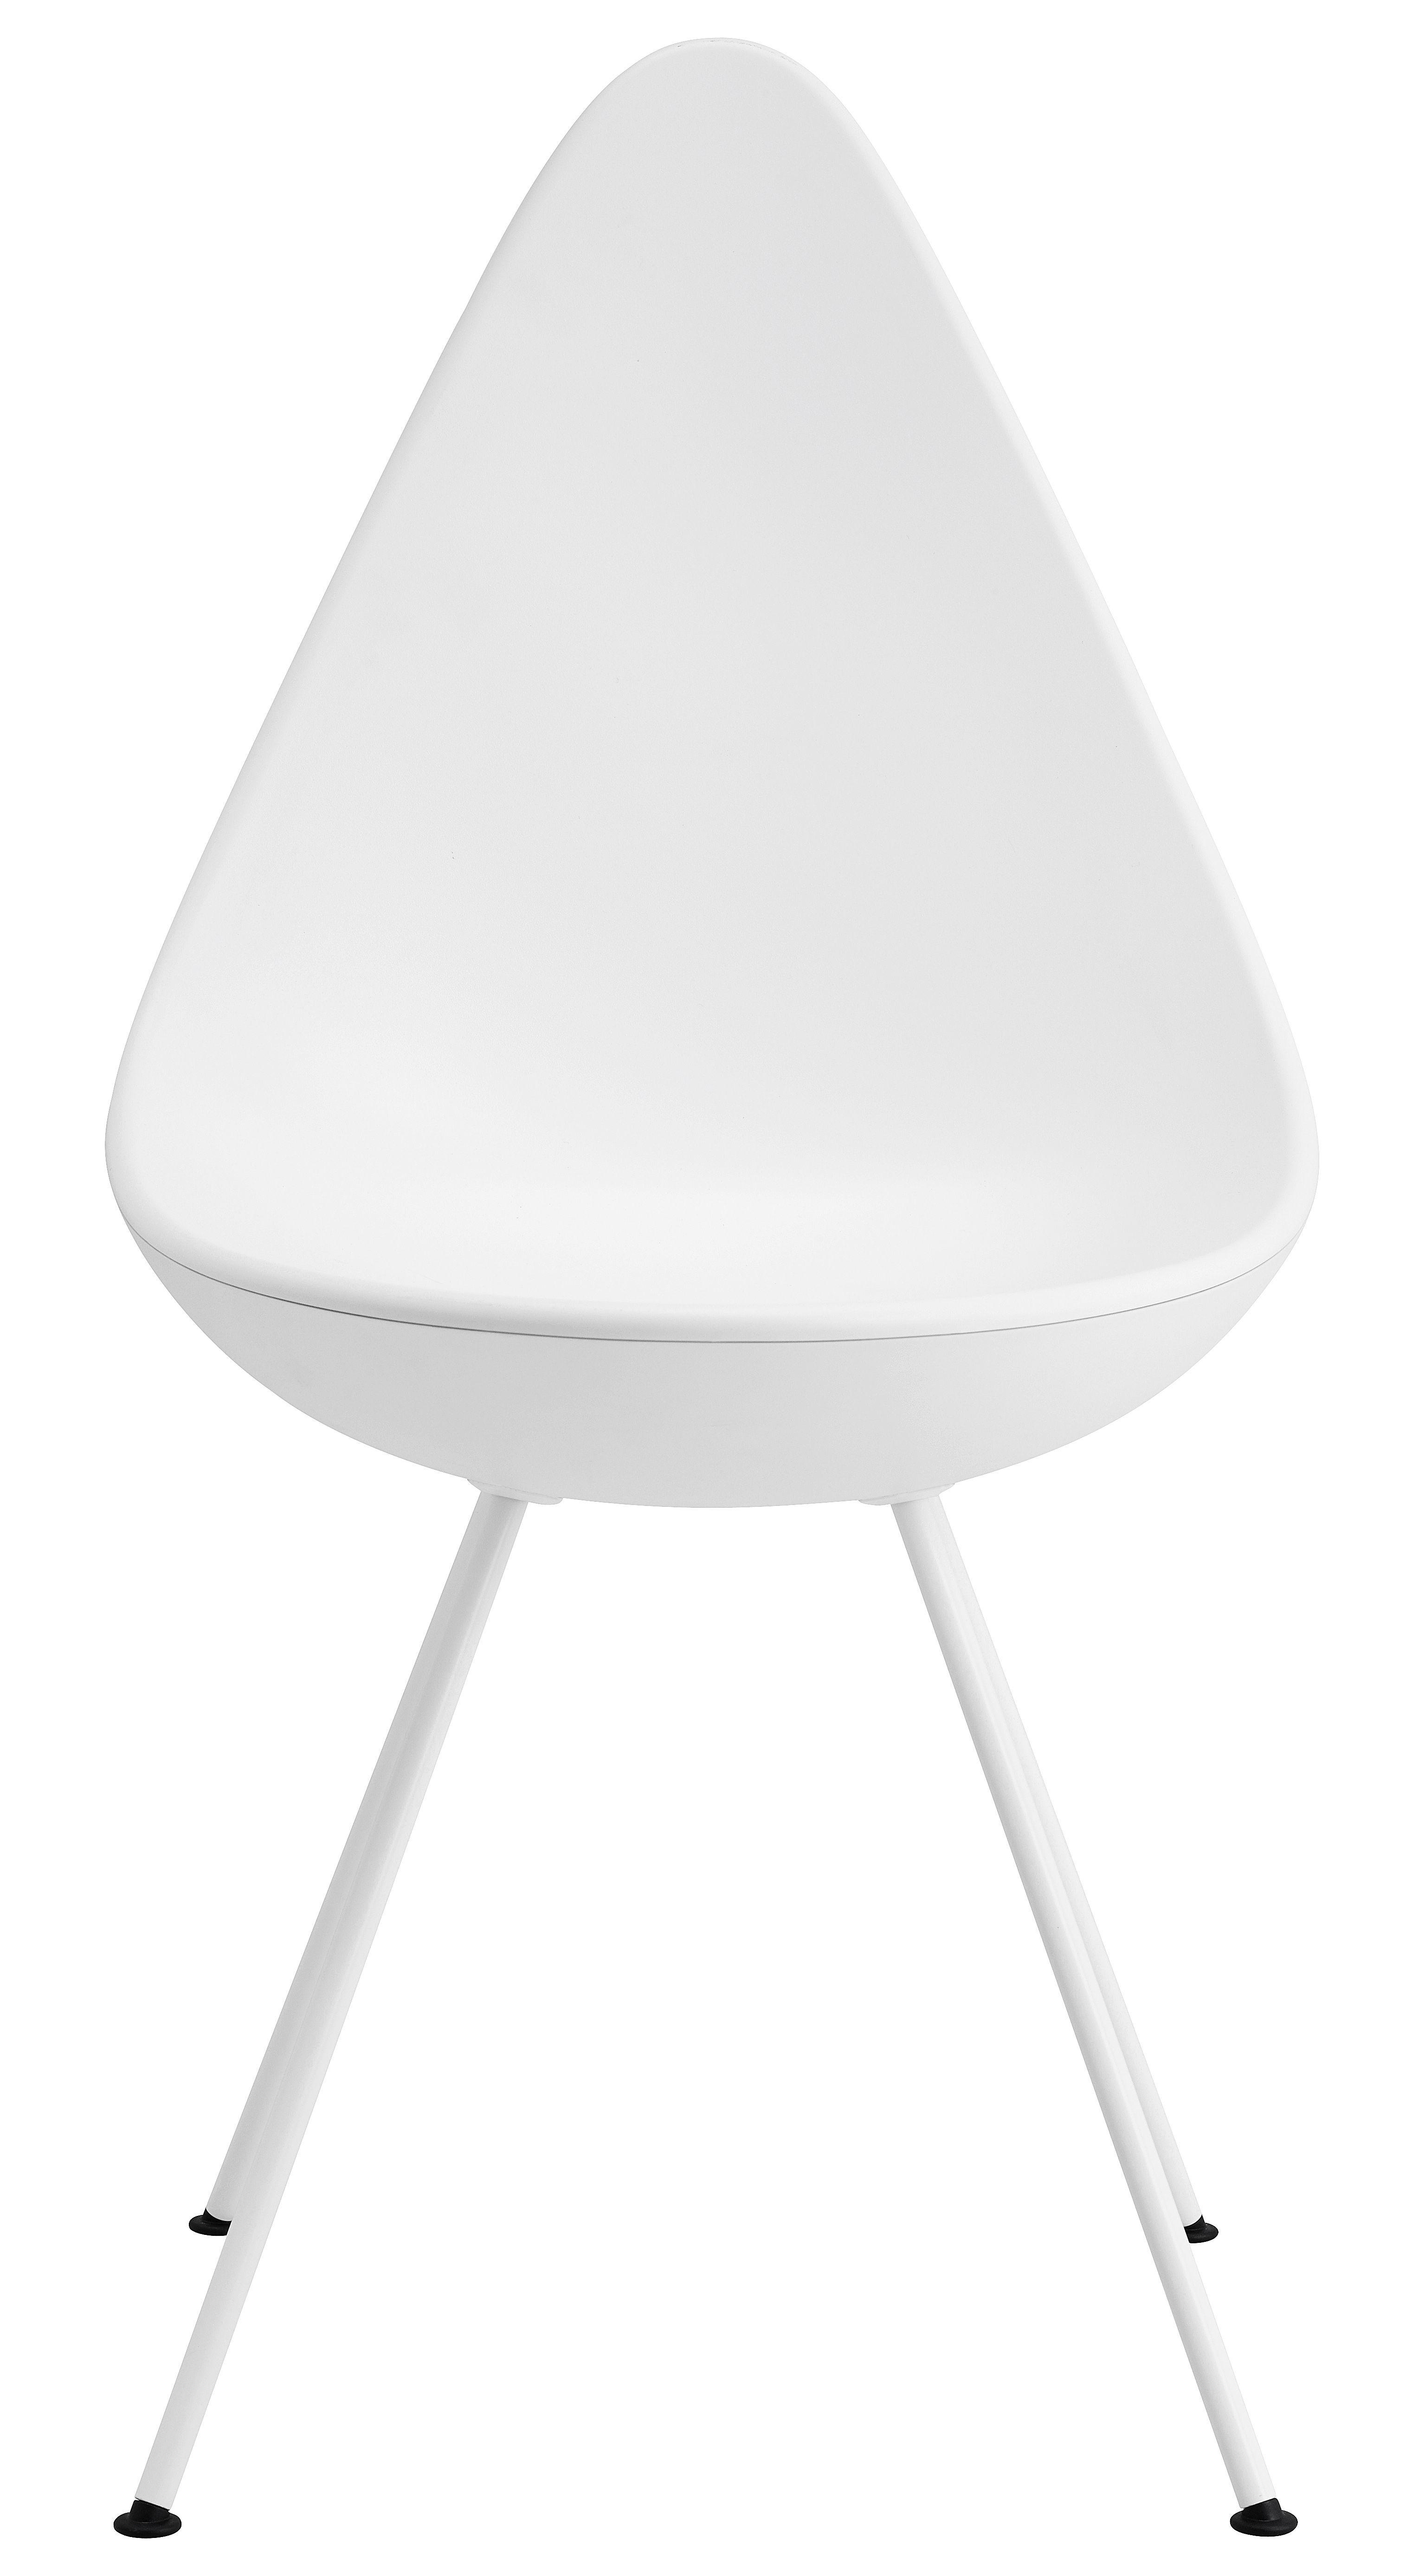 Möbel - Stühle  - Drop Stuhl / Sitzschale aus Kunststoff - Neuauflage des Originals von 1958 - Fritz Hansen - Weiß - lackierter Stahl, Nylon, Plastique ABS